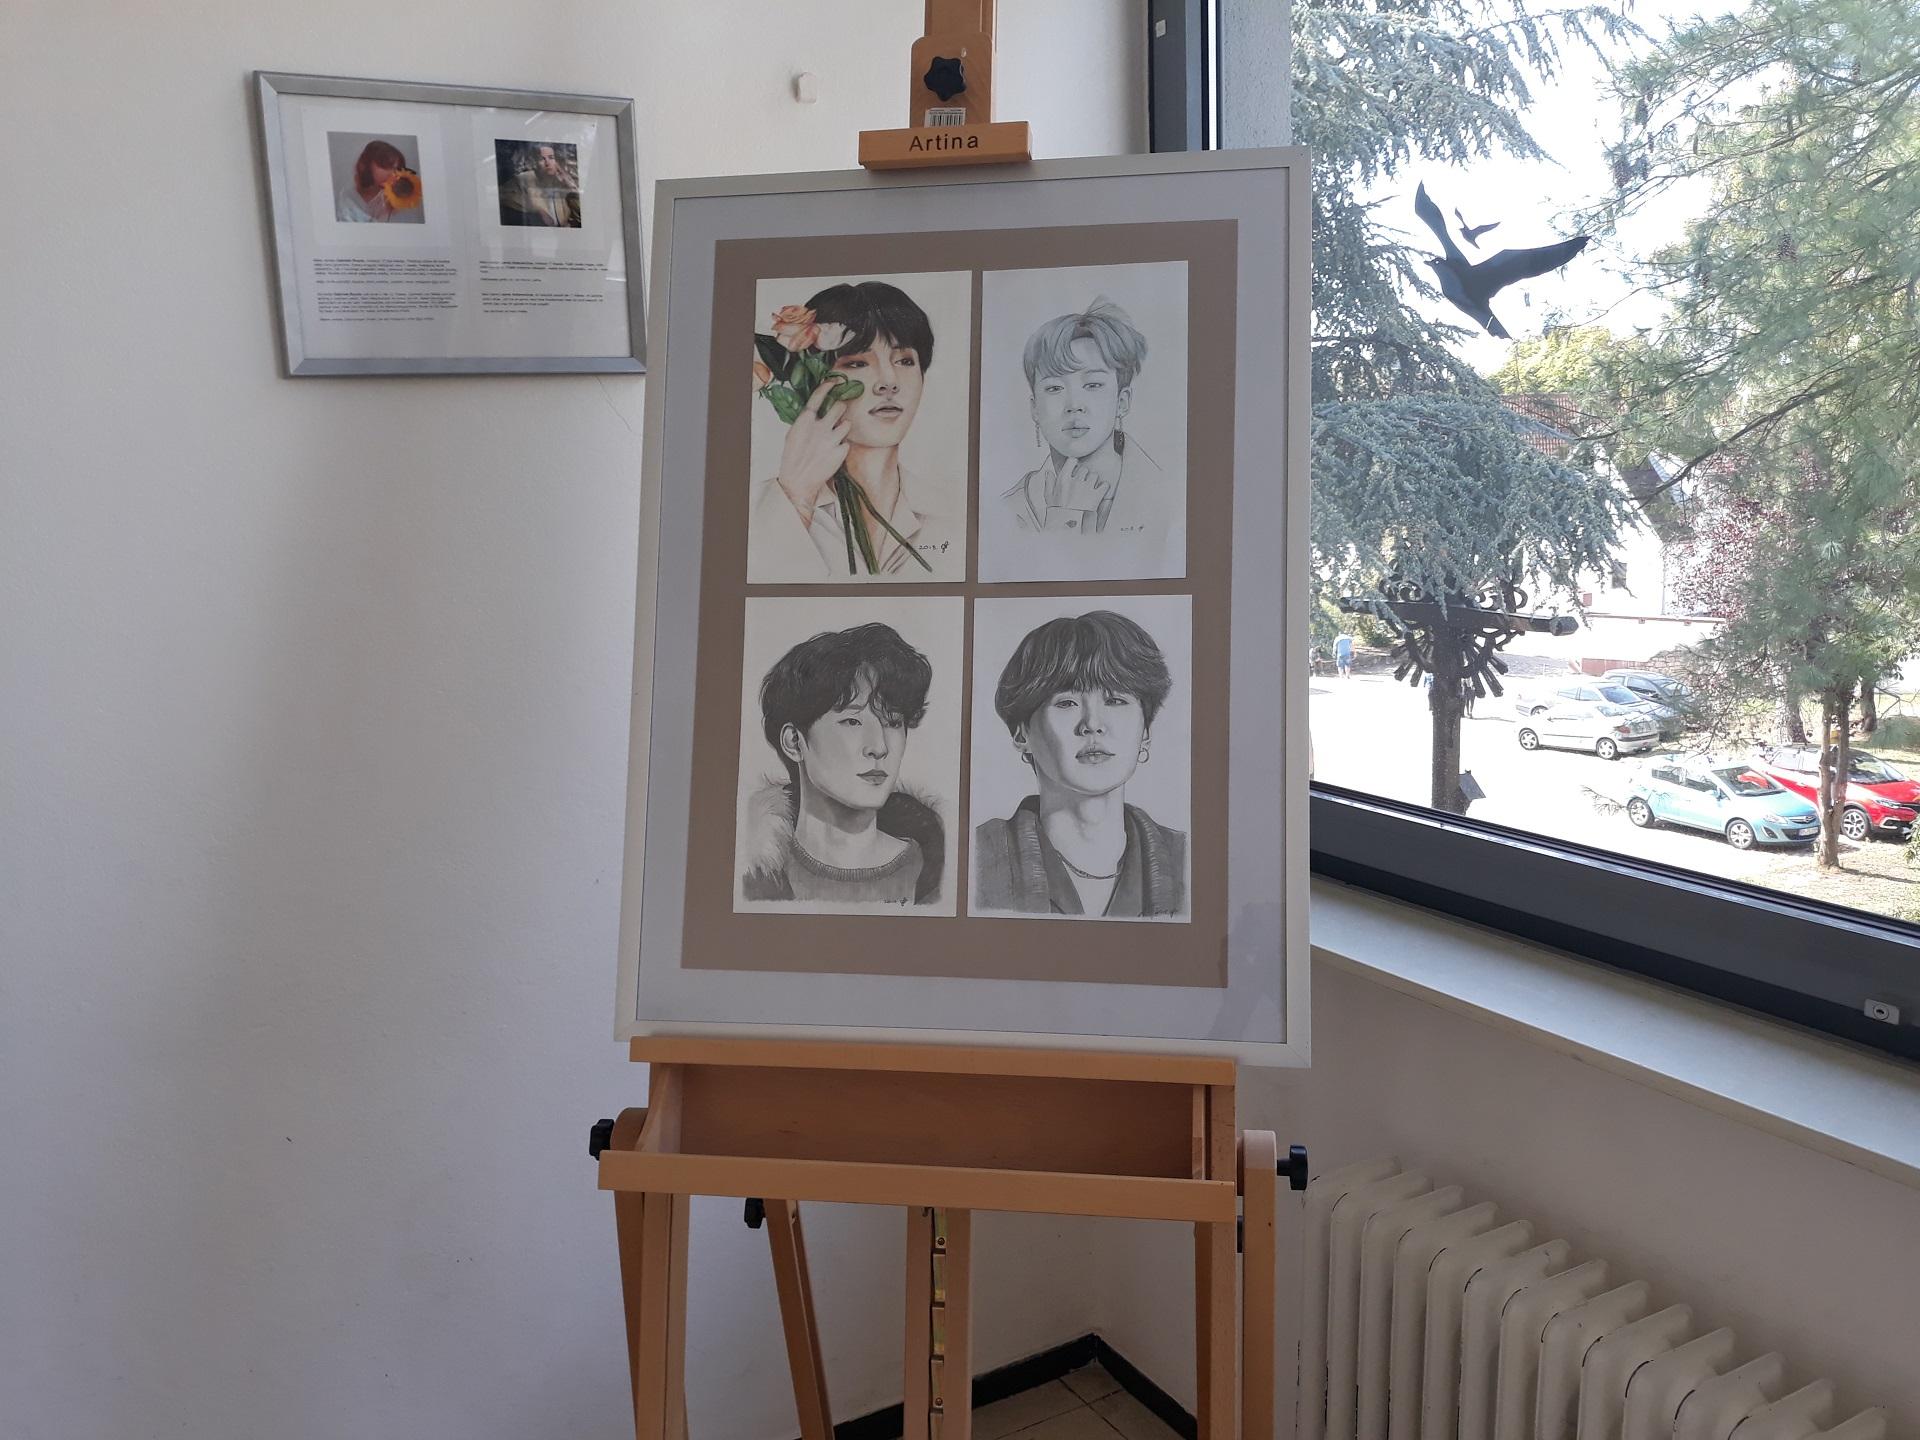 Erfolgreiche Teilnahme an Kunstwettbewerb